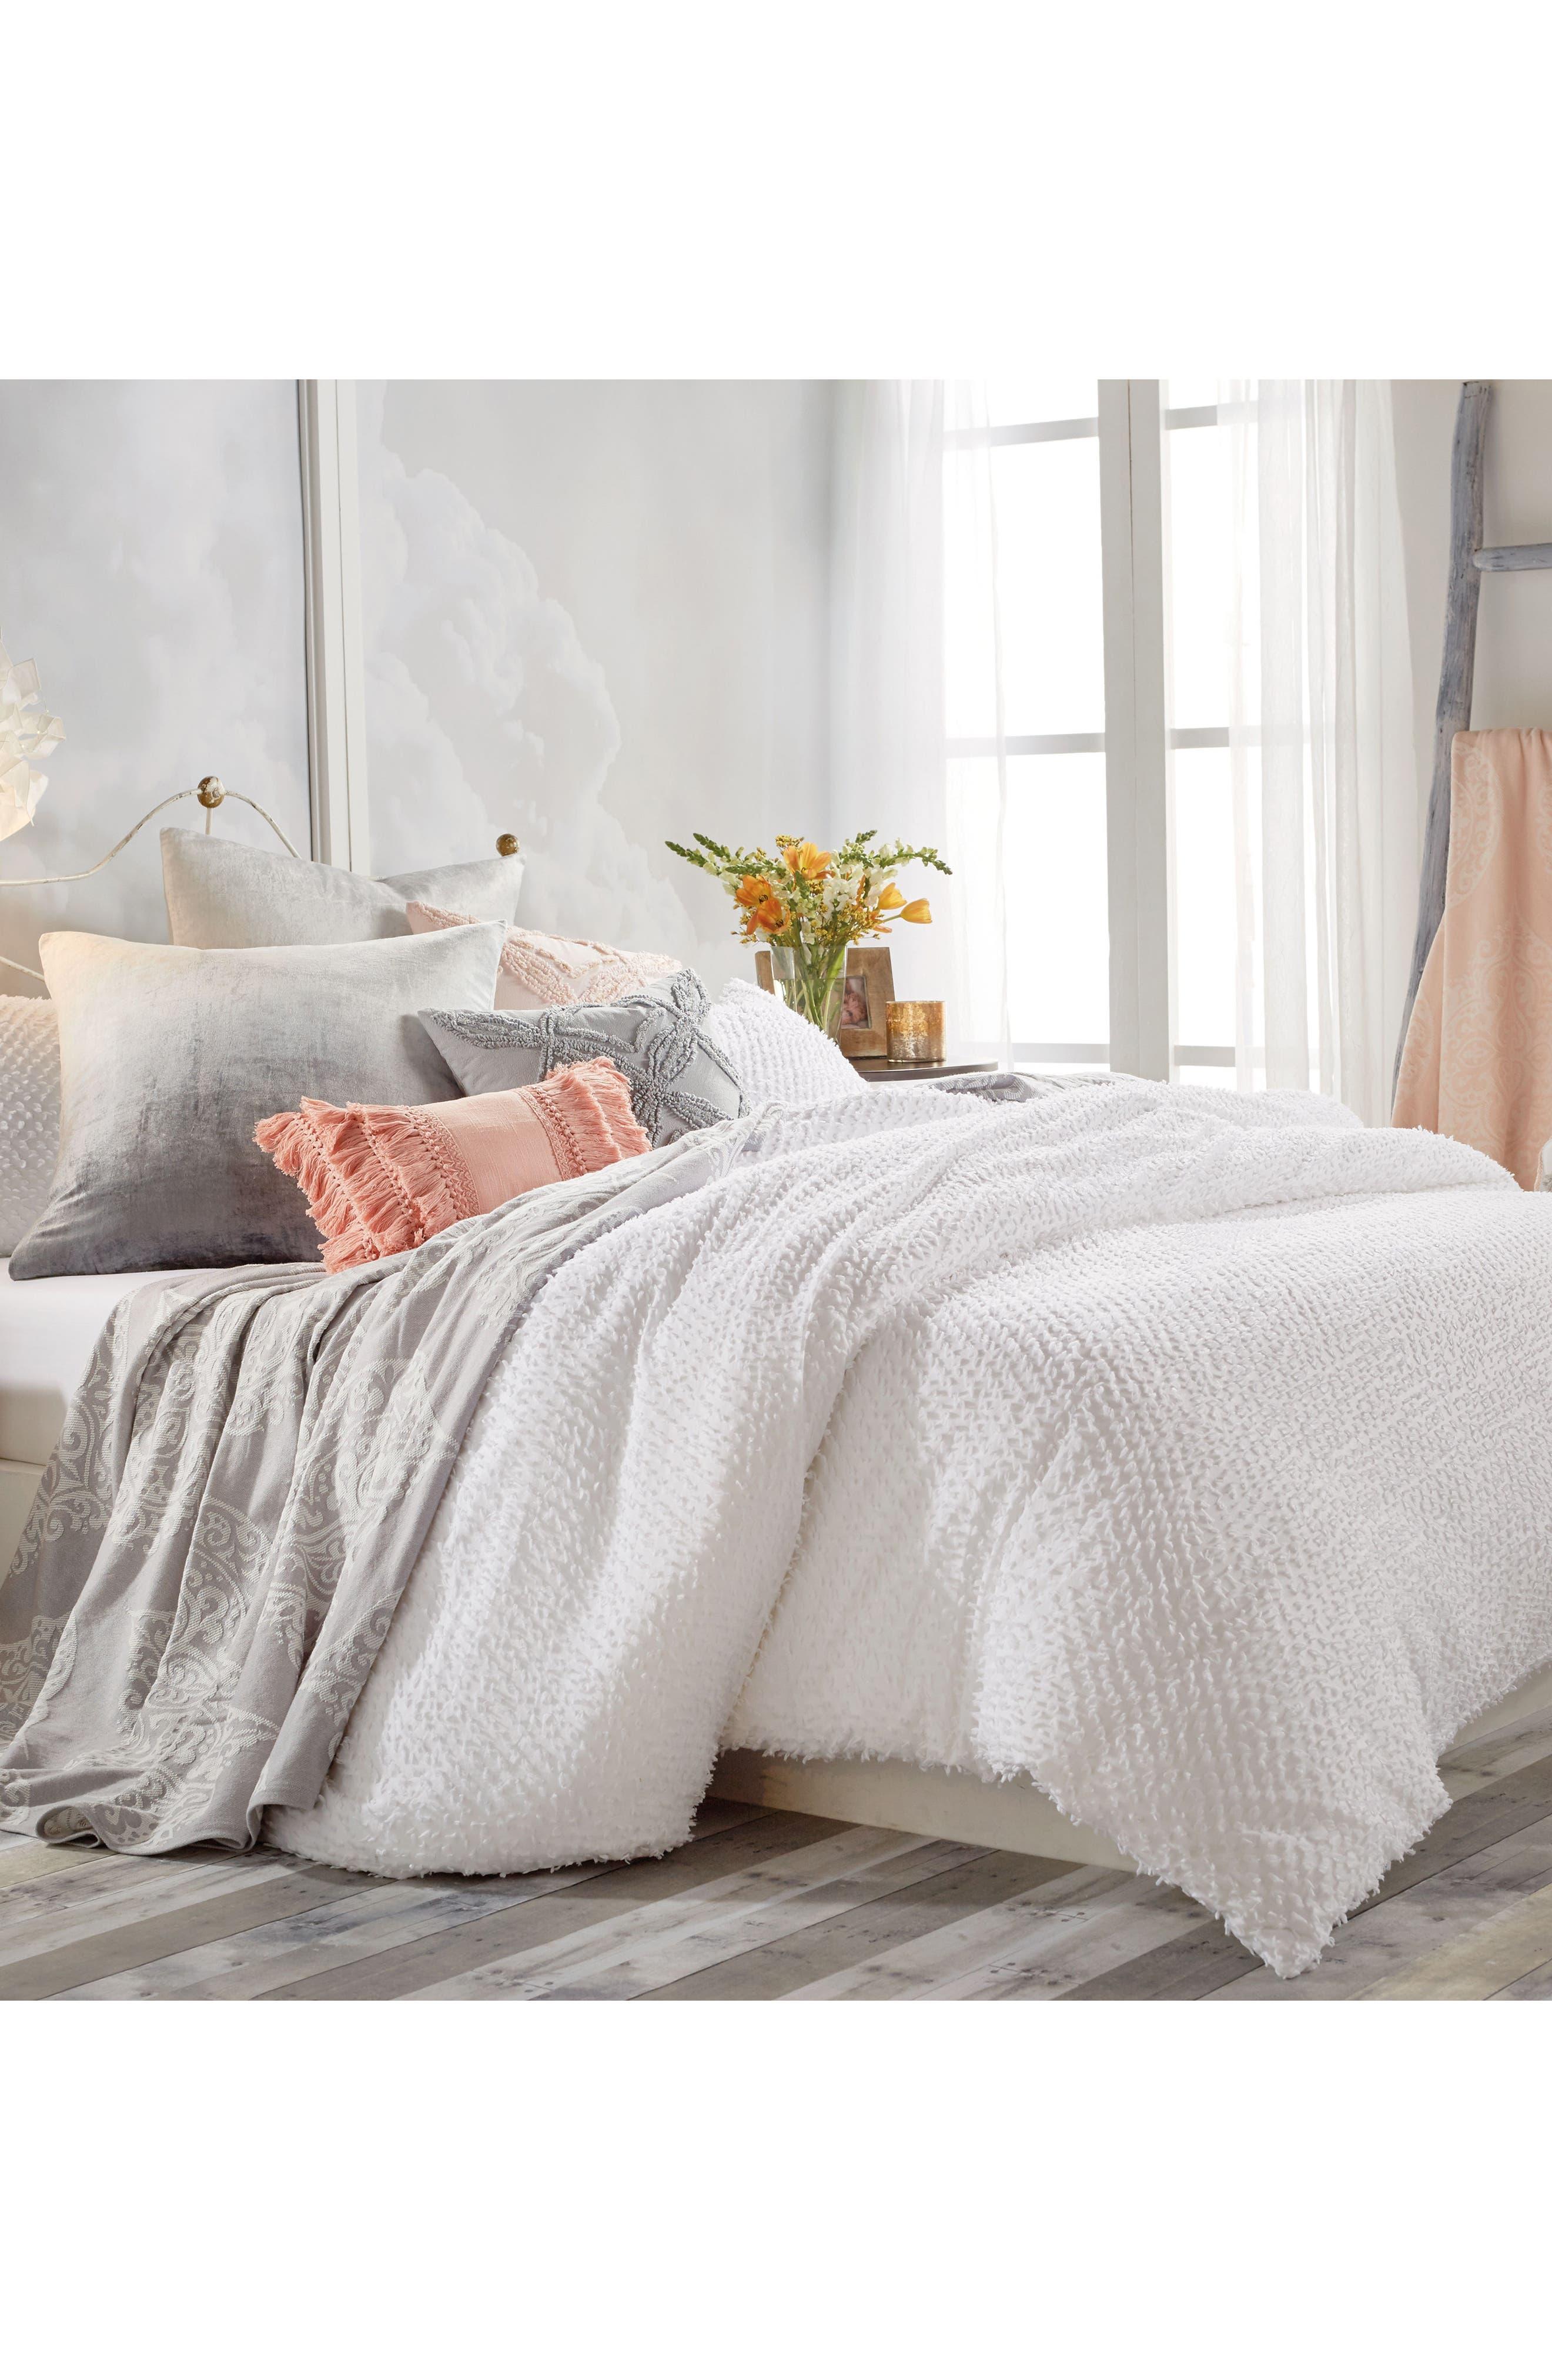 Dot Fringe Comforter & Sham Set,                             Alternate thumbnail 3, color,